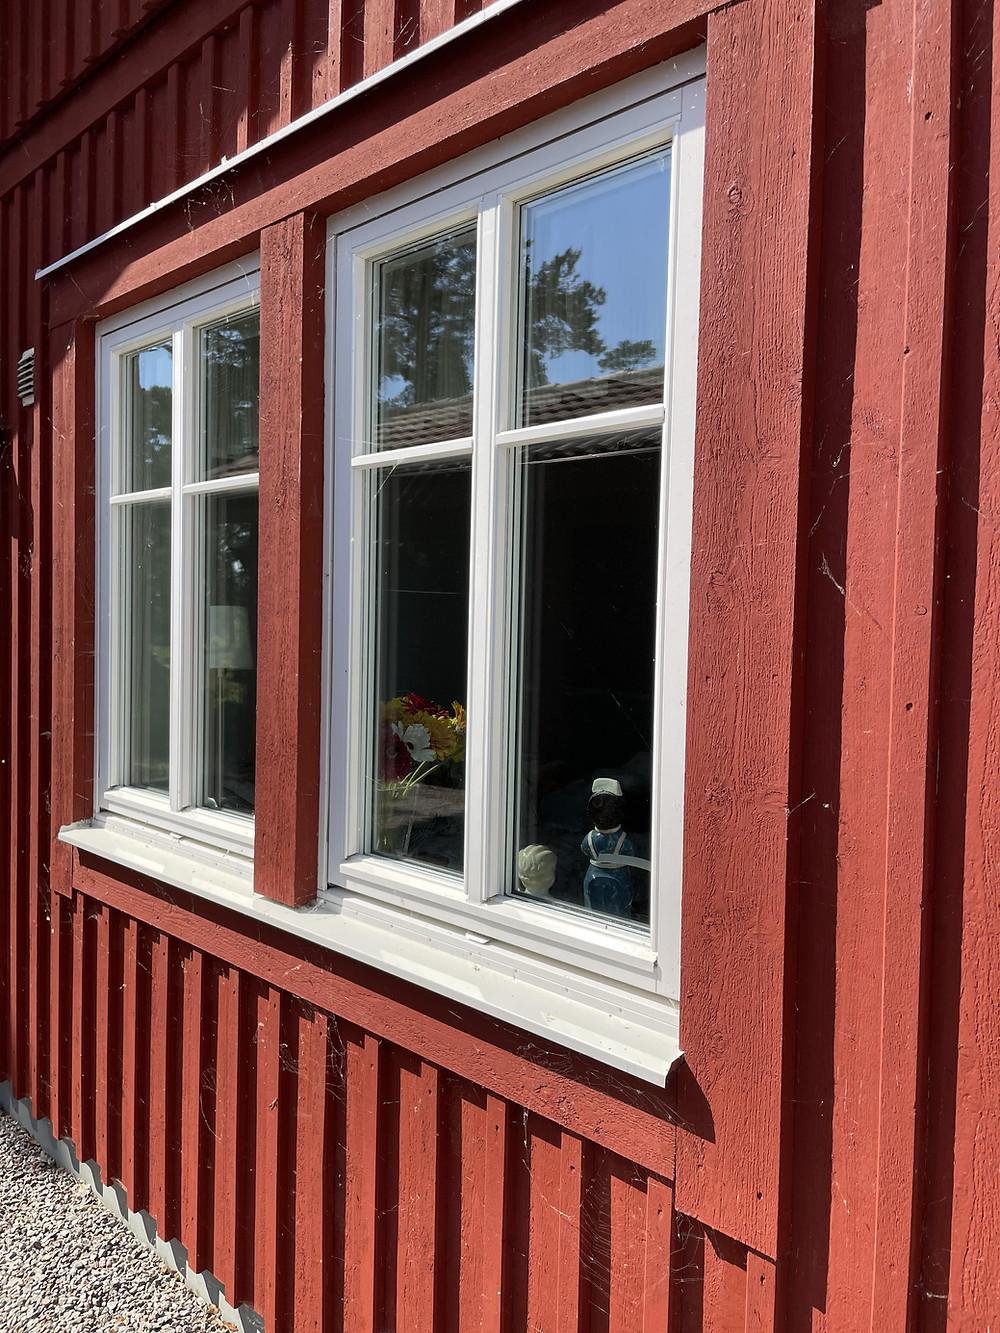 Röd fasad med fönster och spindelnät